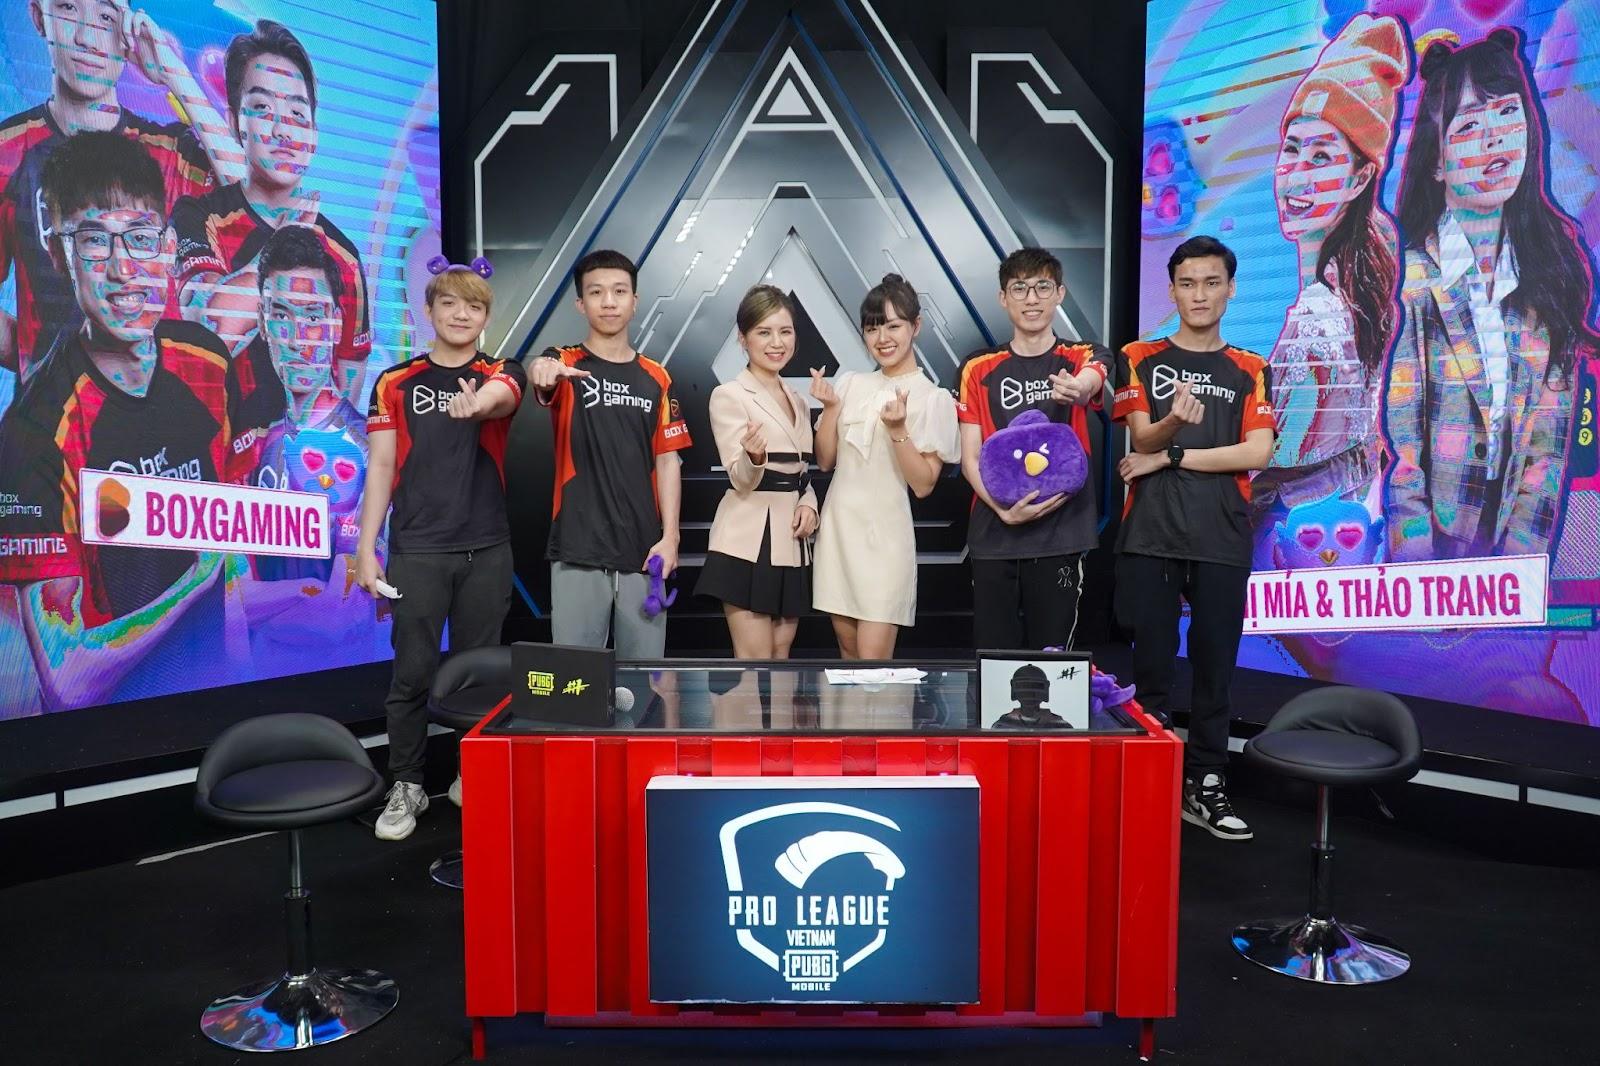 Đứng vị trí thấp khó tin tại PMPL, tuyển thủ BOX Gaming cay đắng thừa nhận sự thật của đội mình - Ảnh 4.